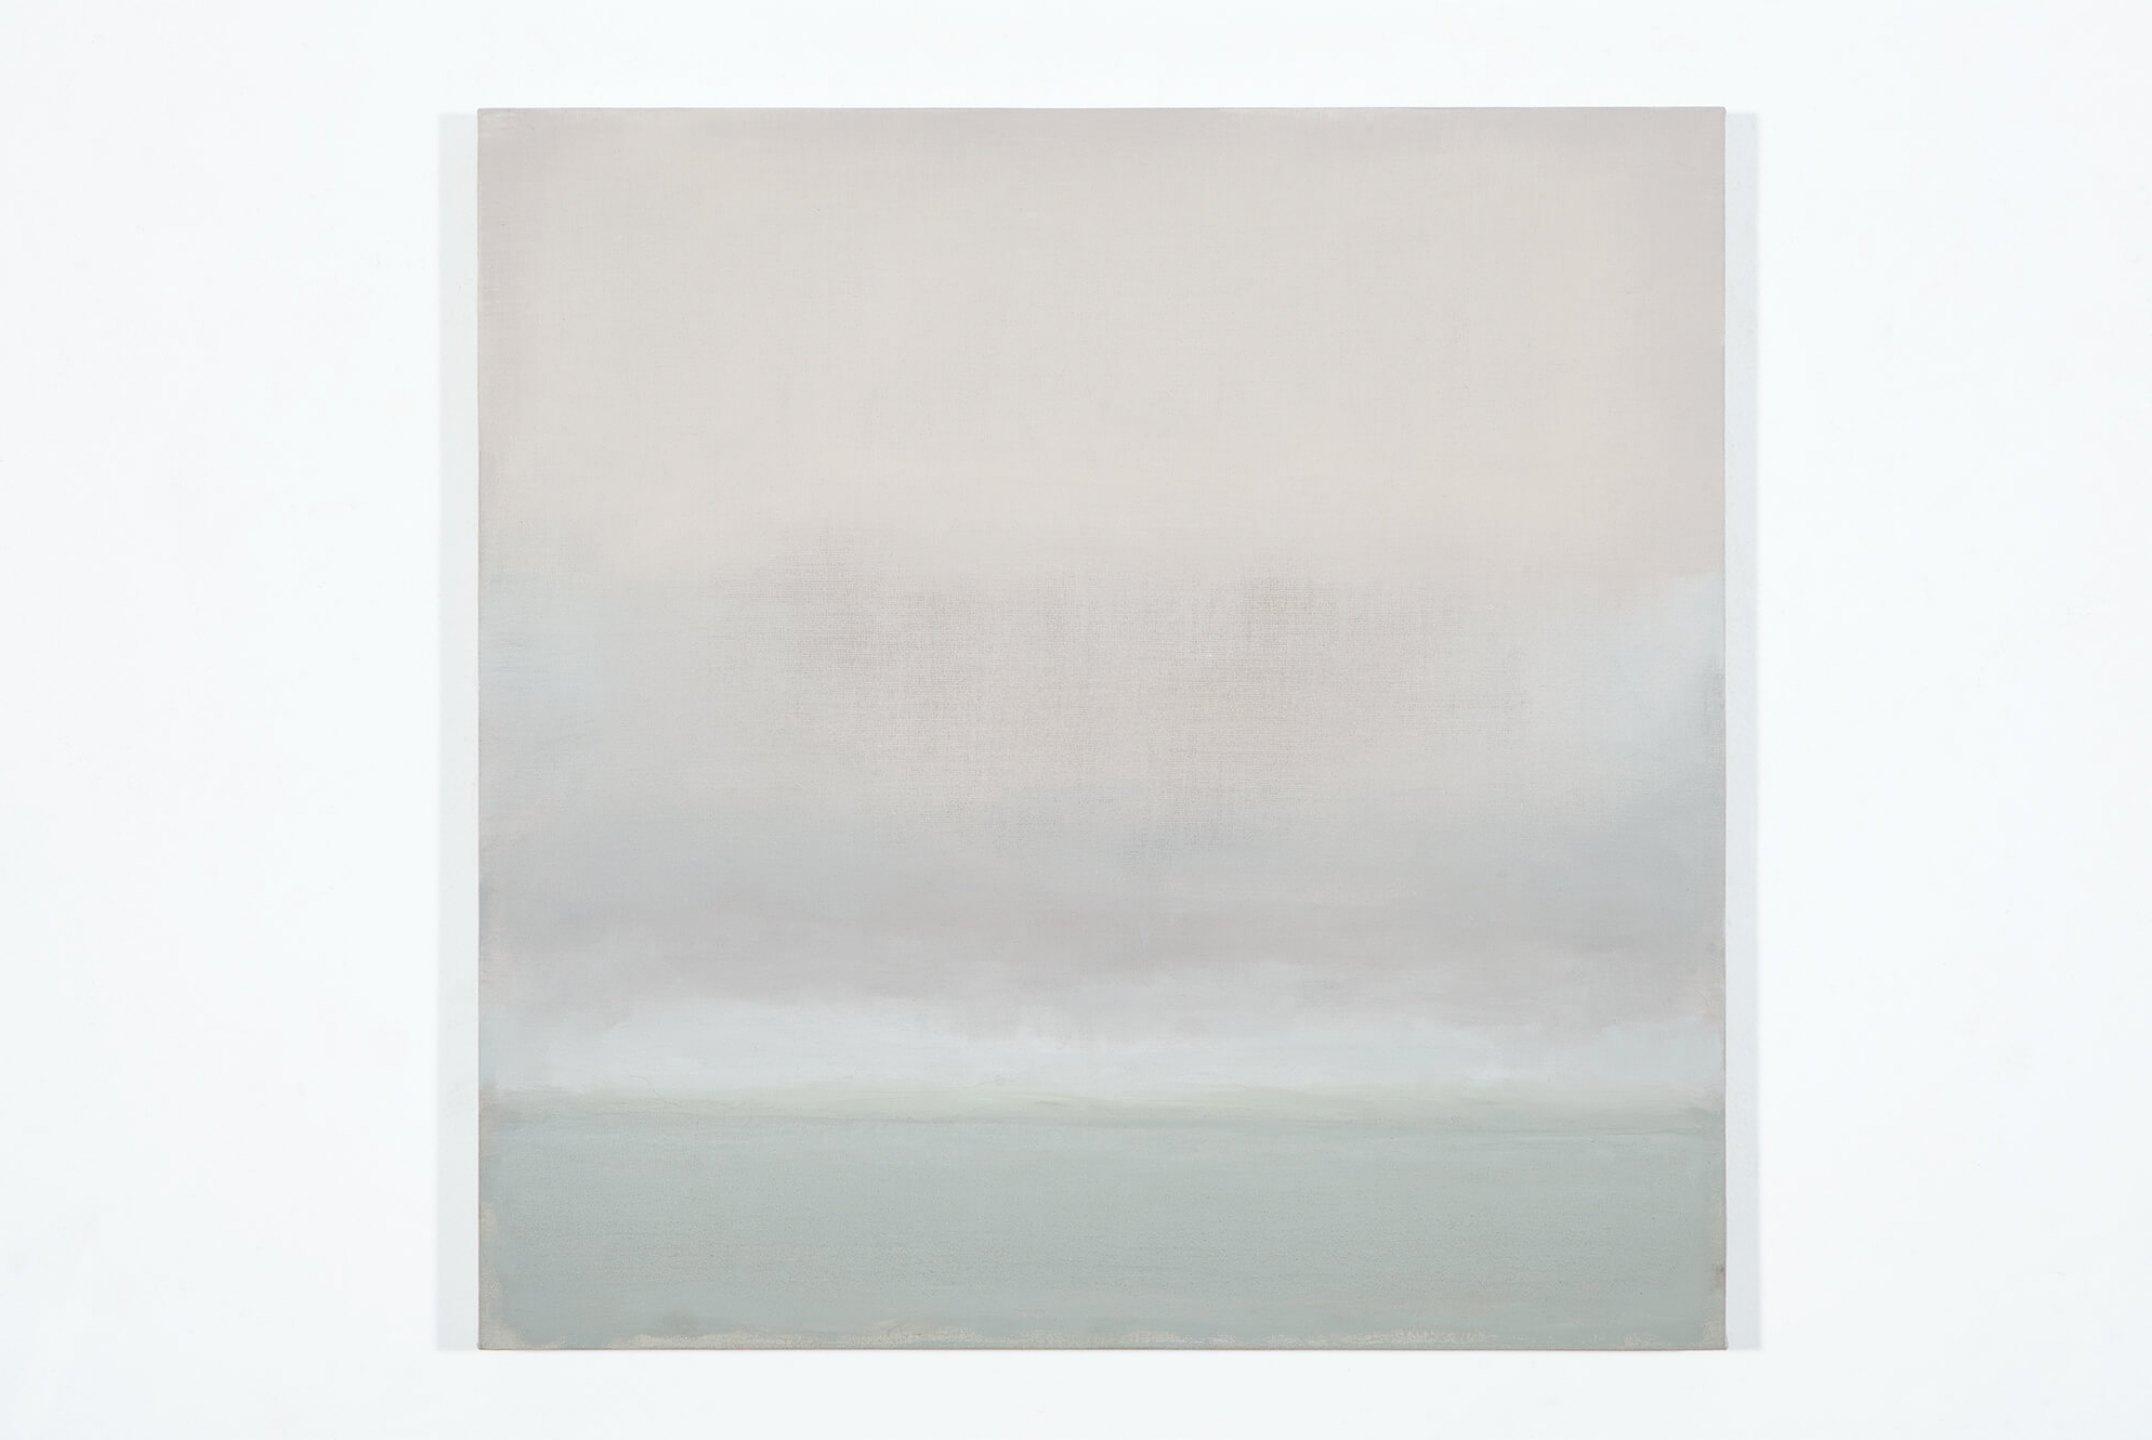 Lucas Arruda,&nbsp;<em>untitled</em>, 2012, oil on canvas, 50 × 50 × 2,5 cm - Mendes Wood DM